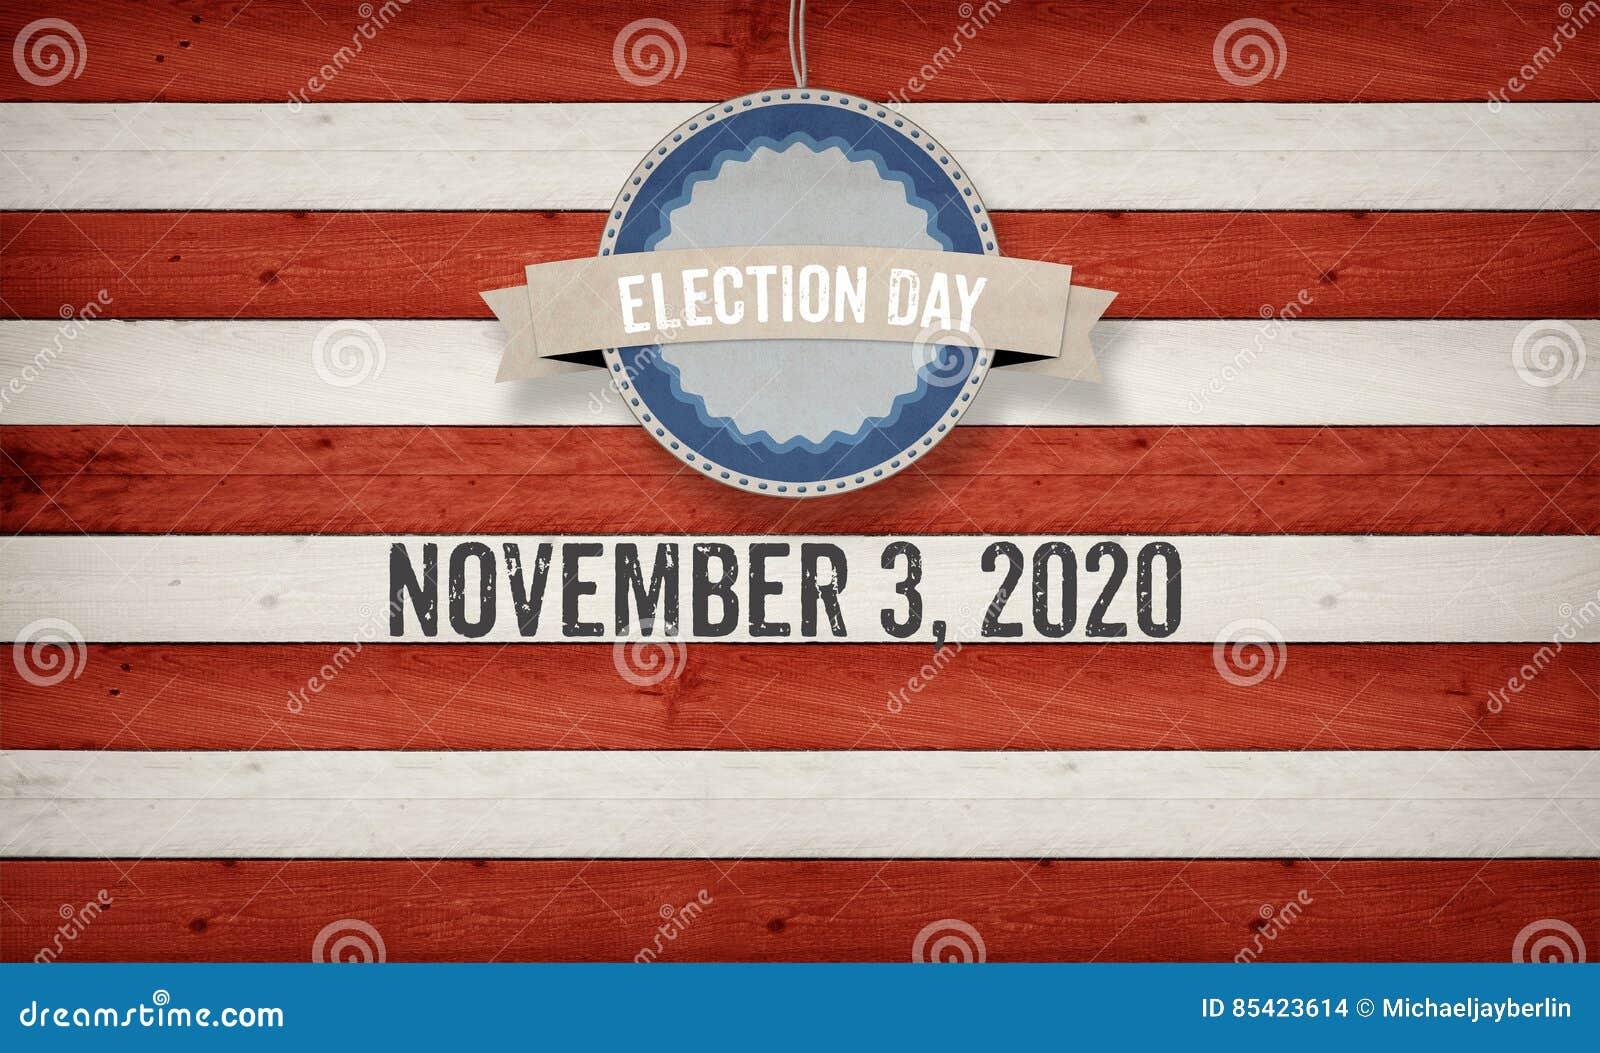 6. November 2020